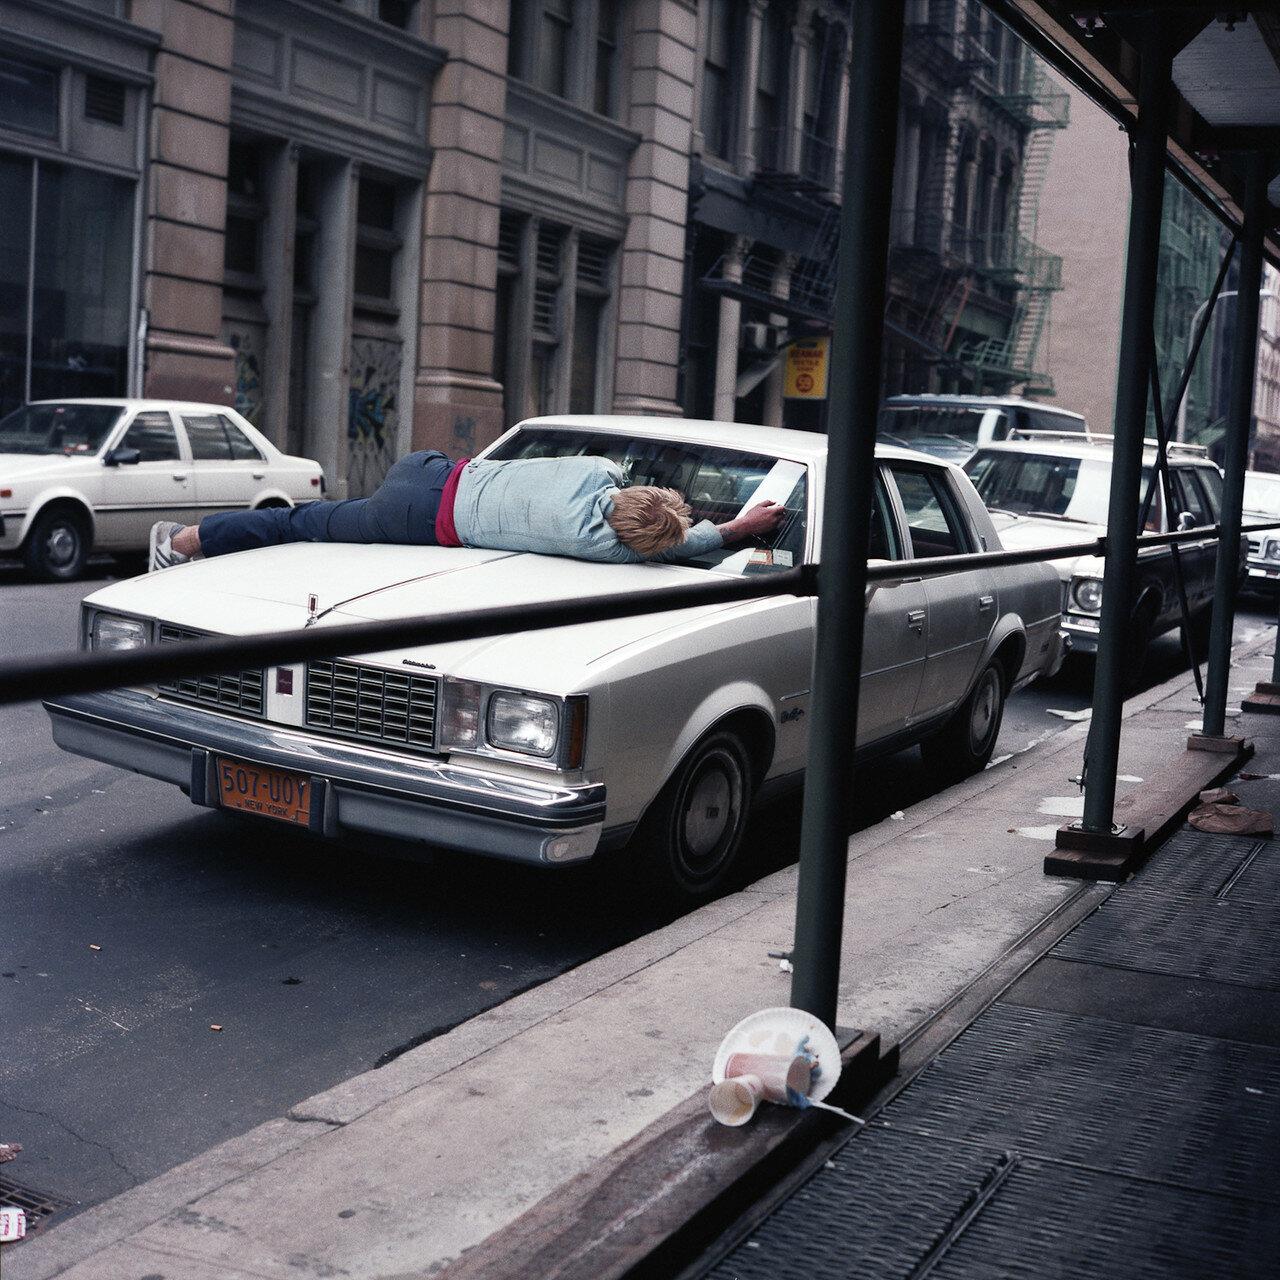 1985. Человек спит на автомобиле